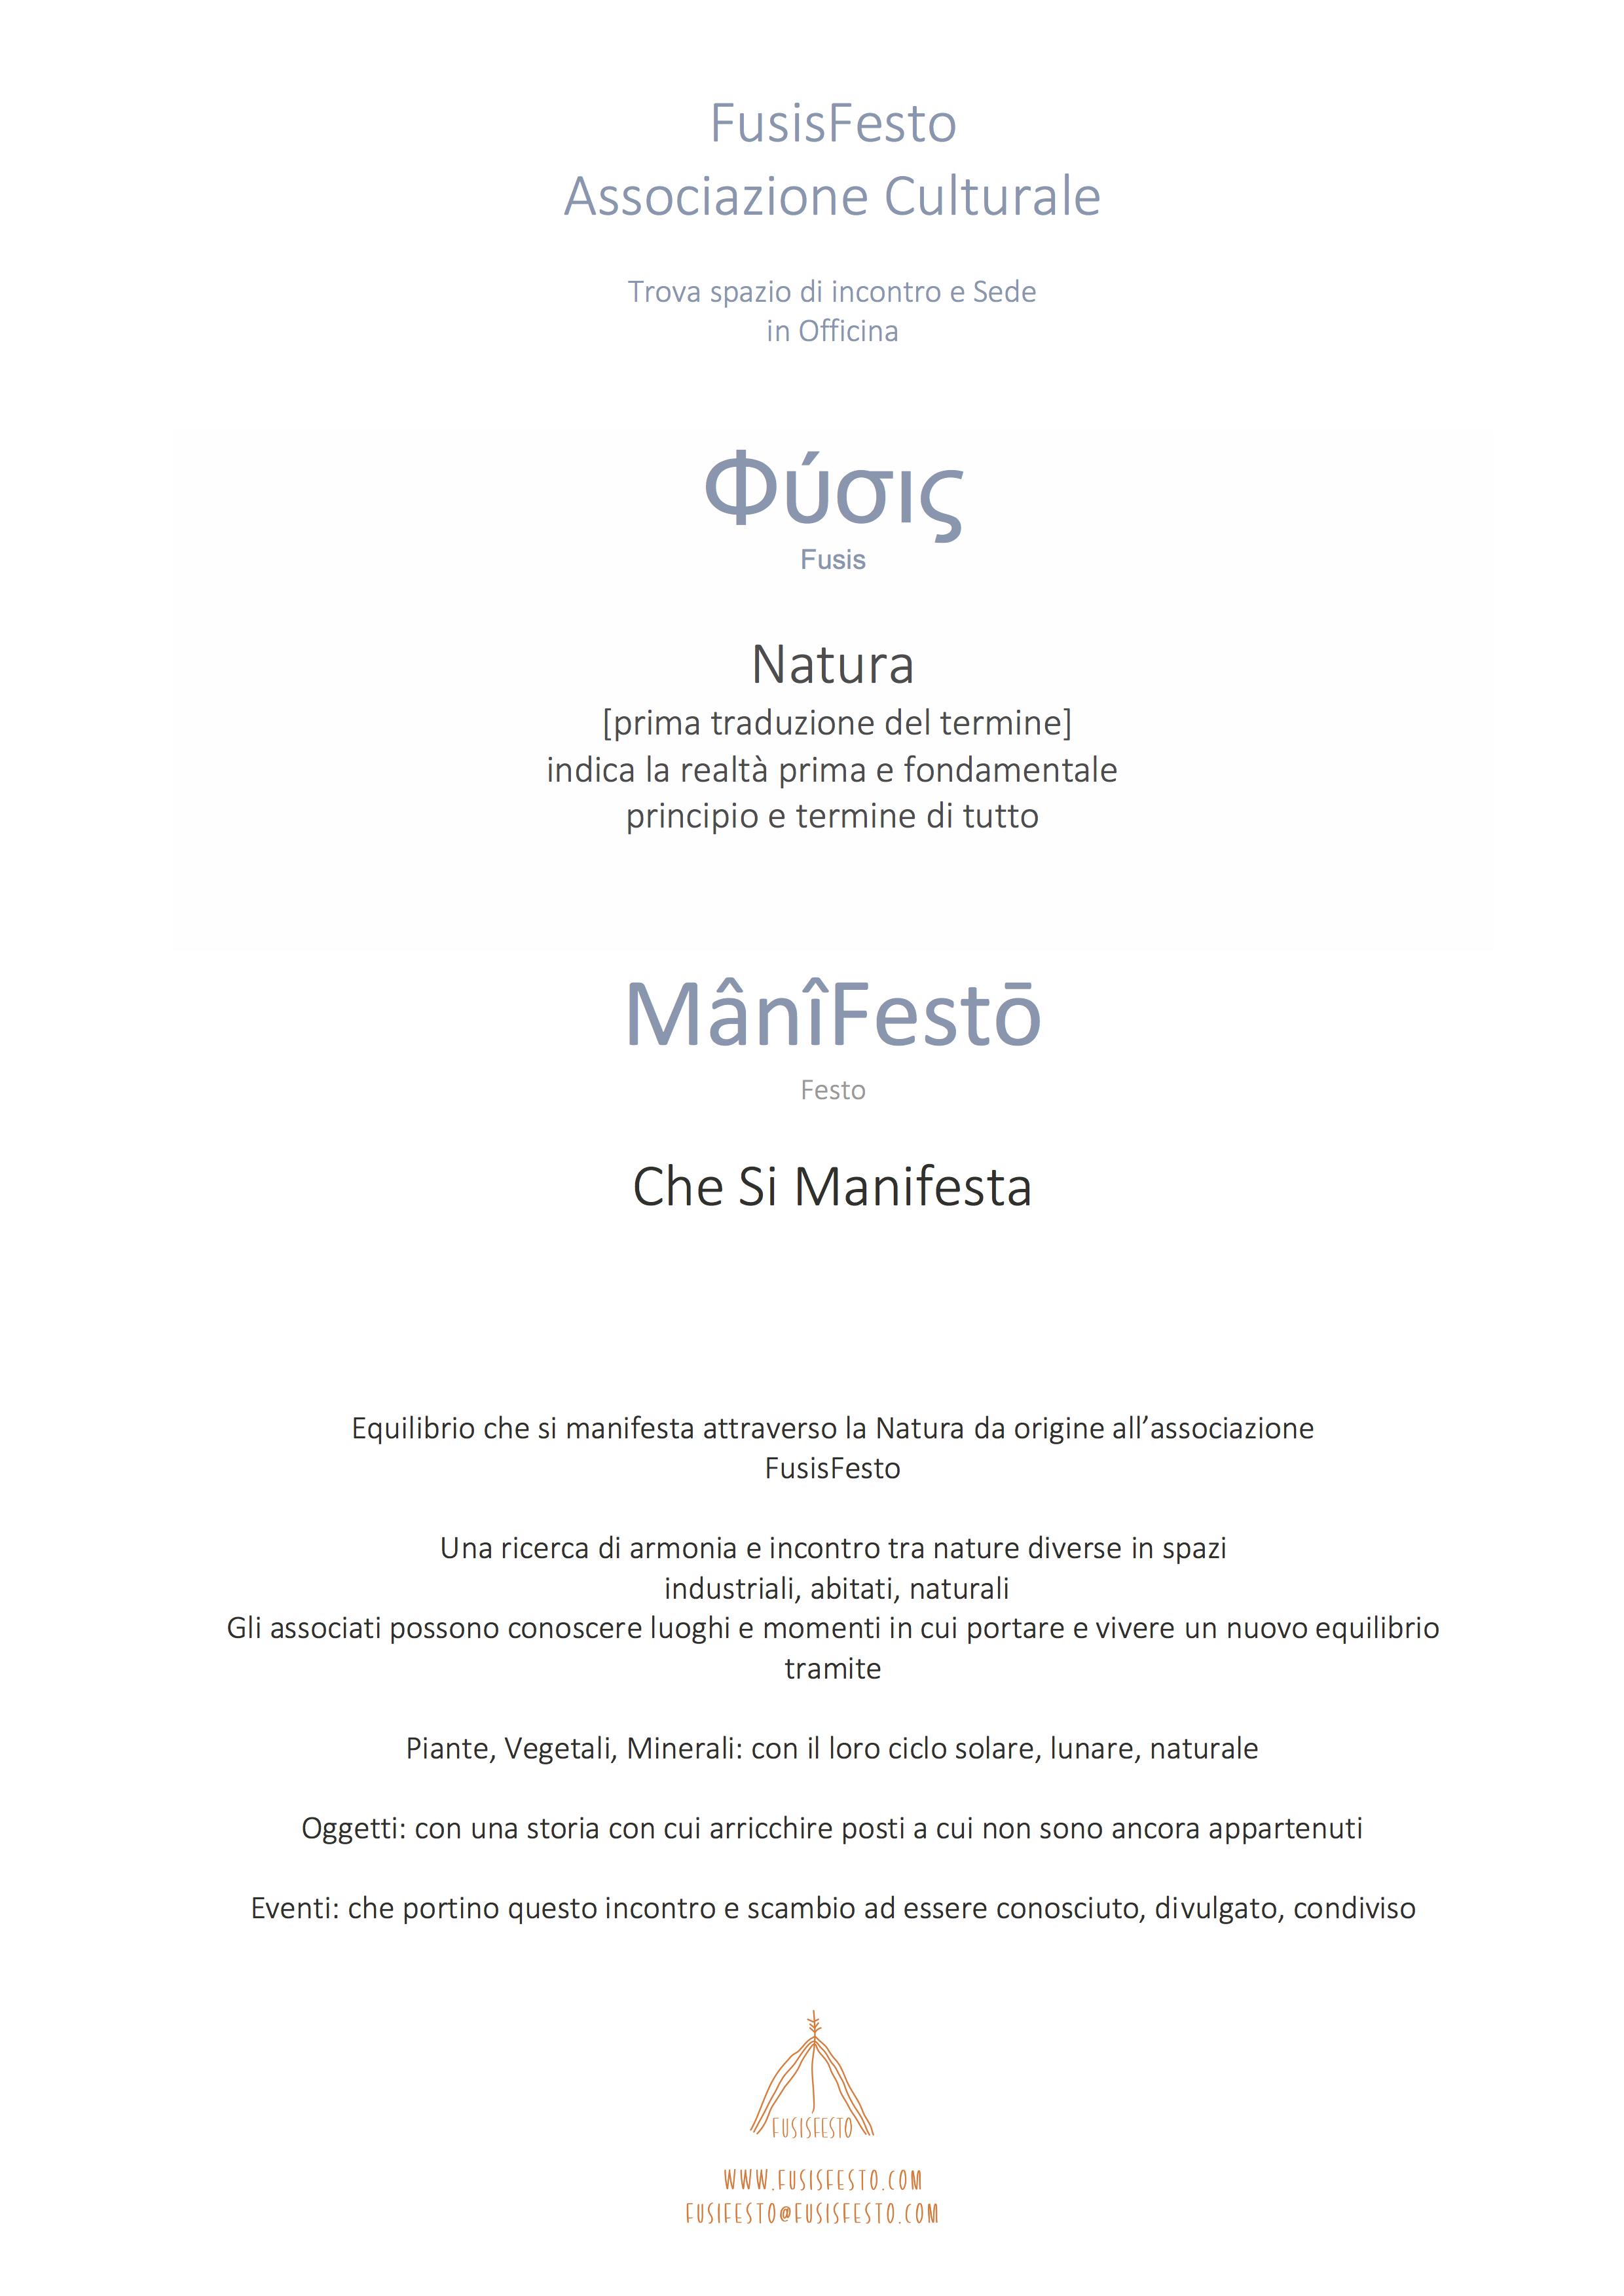 Fusisfesto_Sito_logo.png